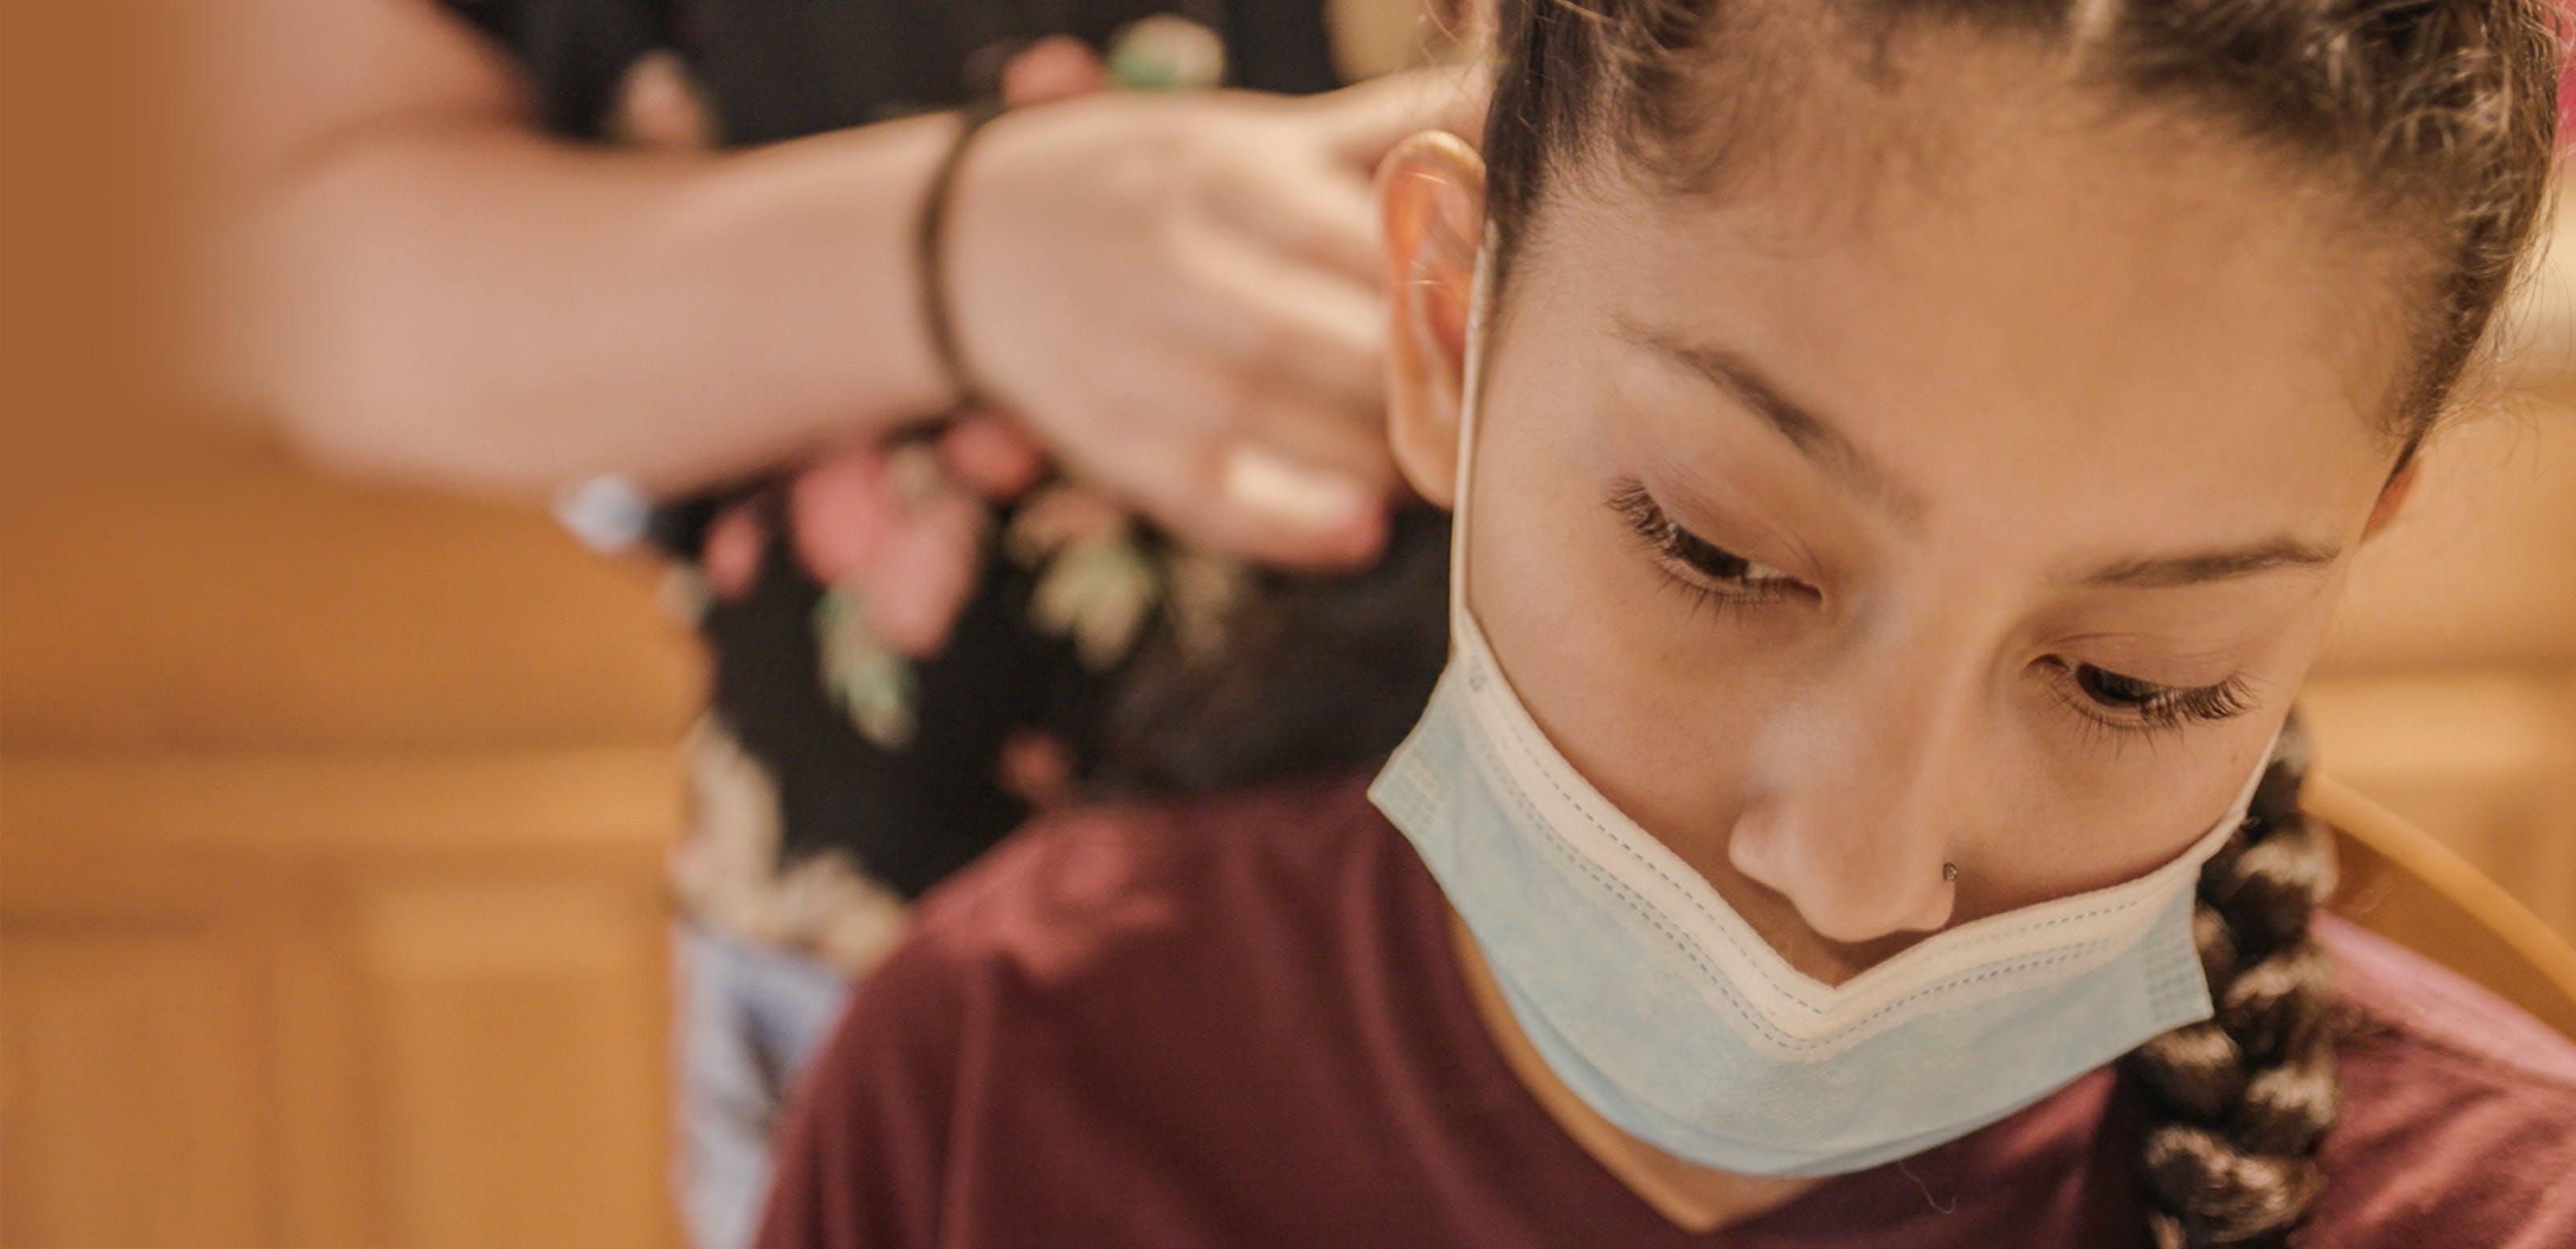 Ana, 14 anni, dal Guatemala è stata separata dalla mamma quando aveva solo 3 anni. Questa esperienza, insieme a quella della migrazione, hanno lasciato segni profondi in lei